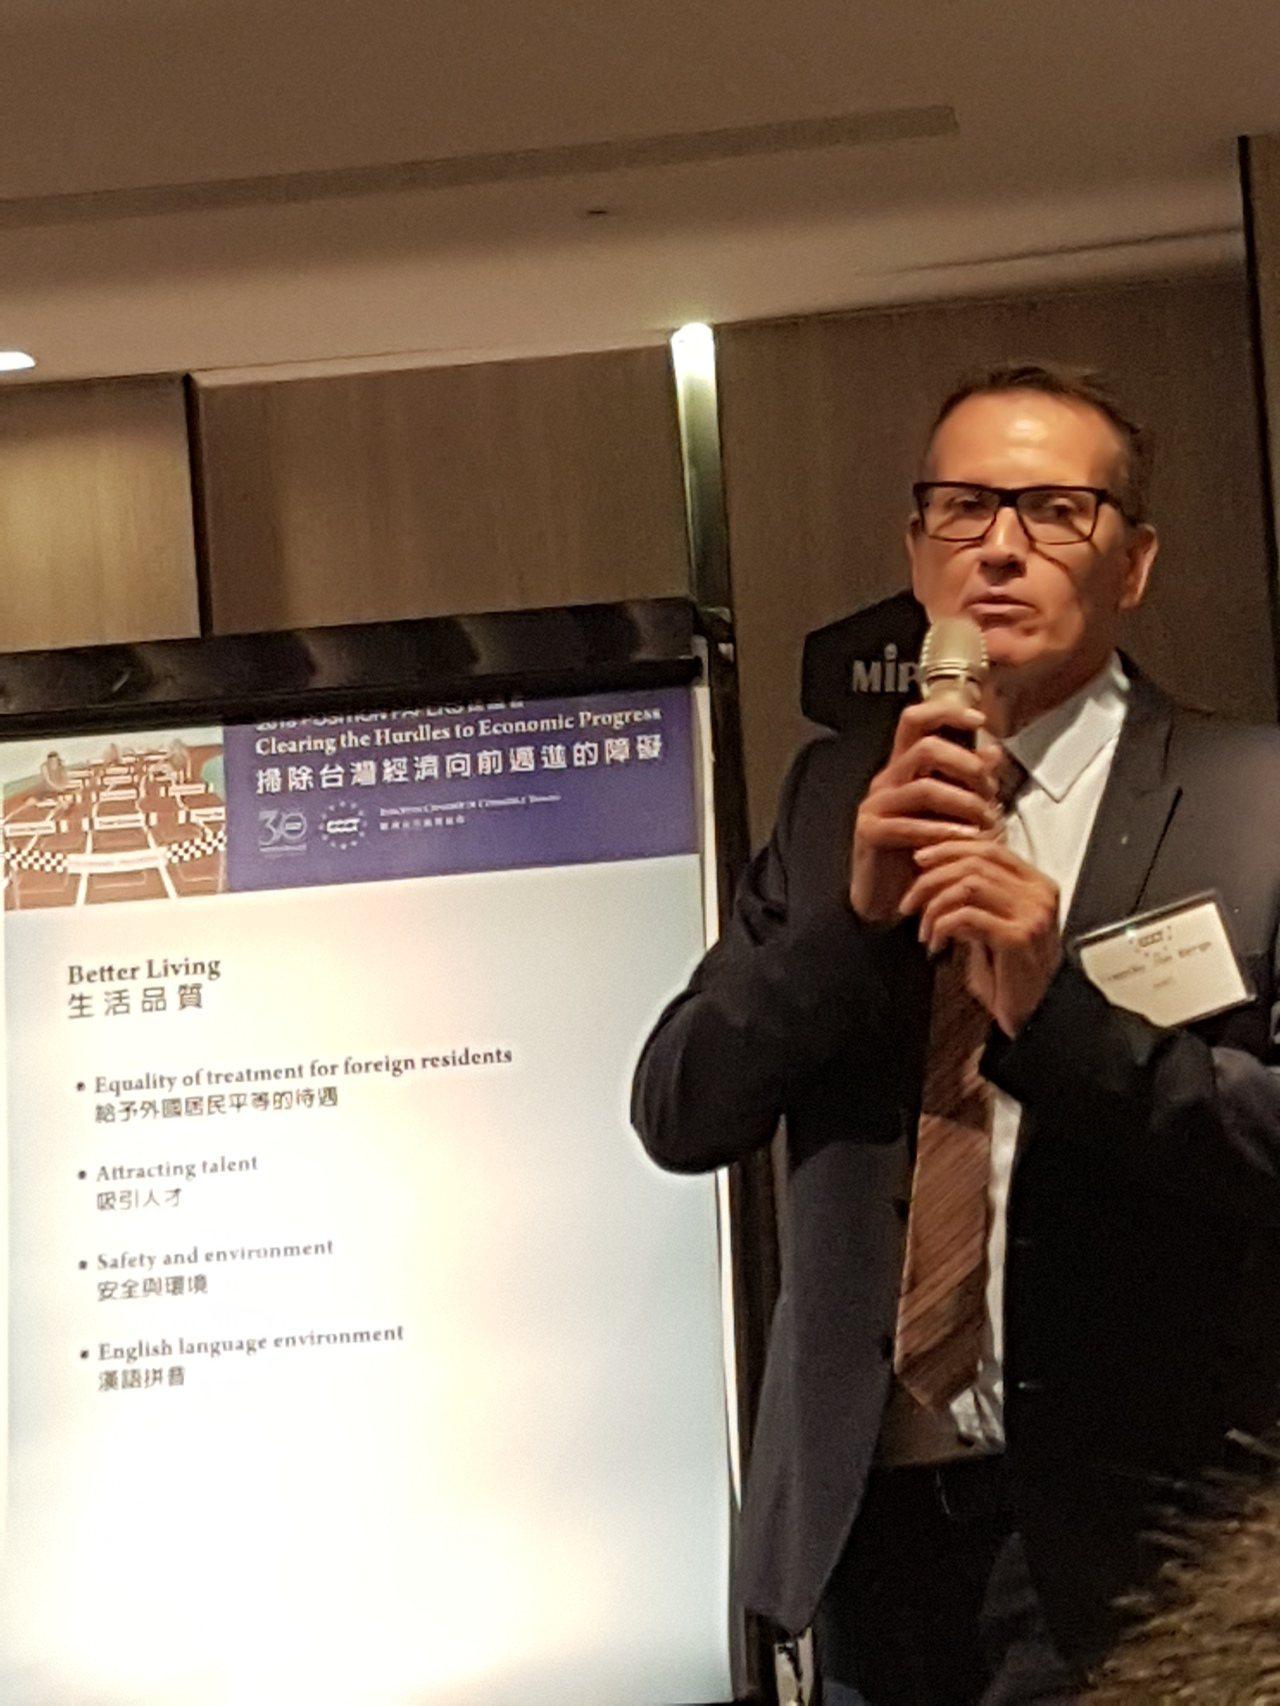 歐洲商會生活品質委員會主席、ICRT總經理白健文說,歐商生活品質委員會對台灣政府...